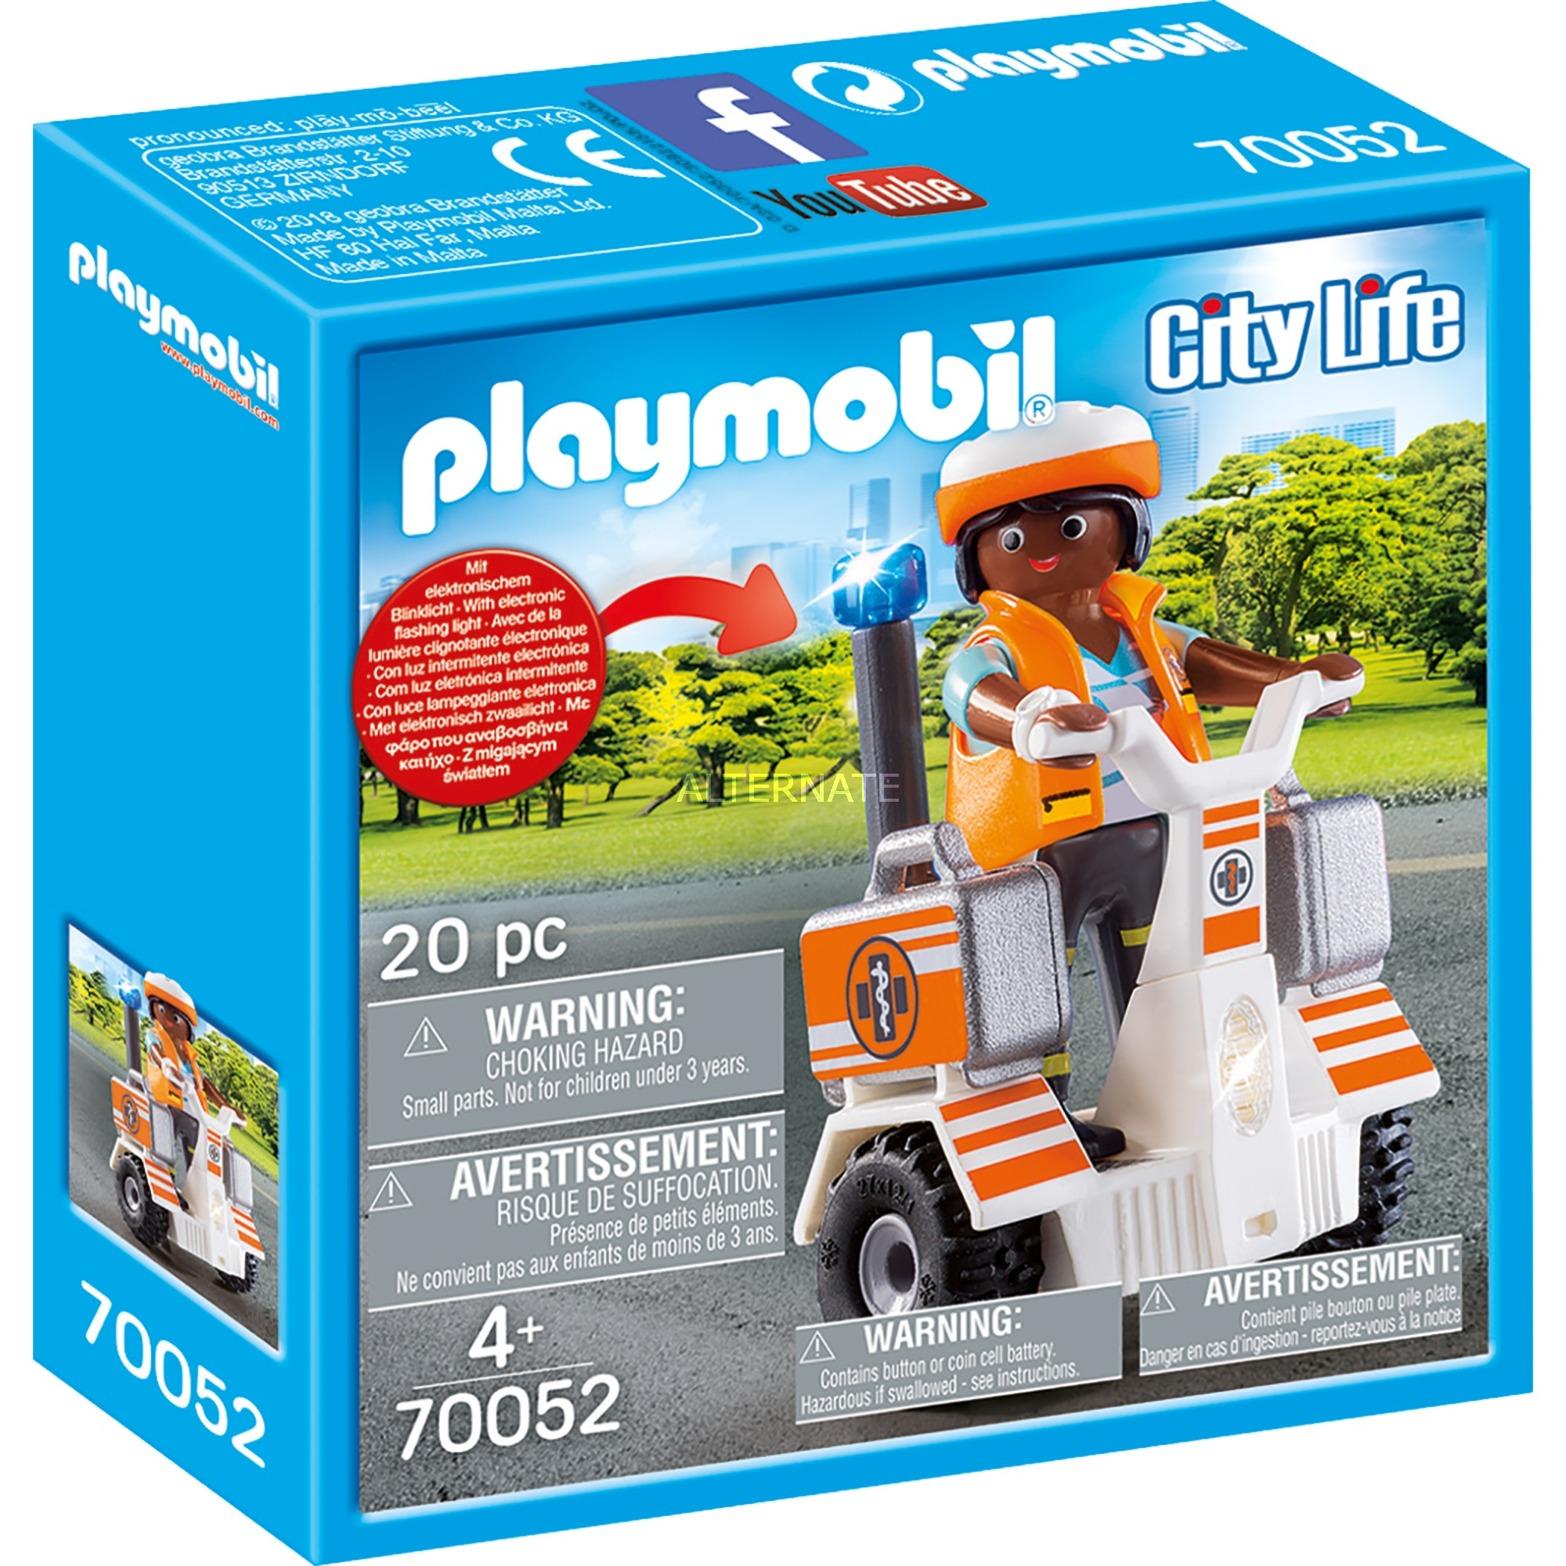 City Life 70052 set de juguetes, Juegos de construcción